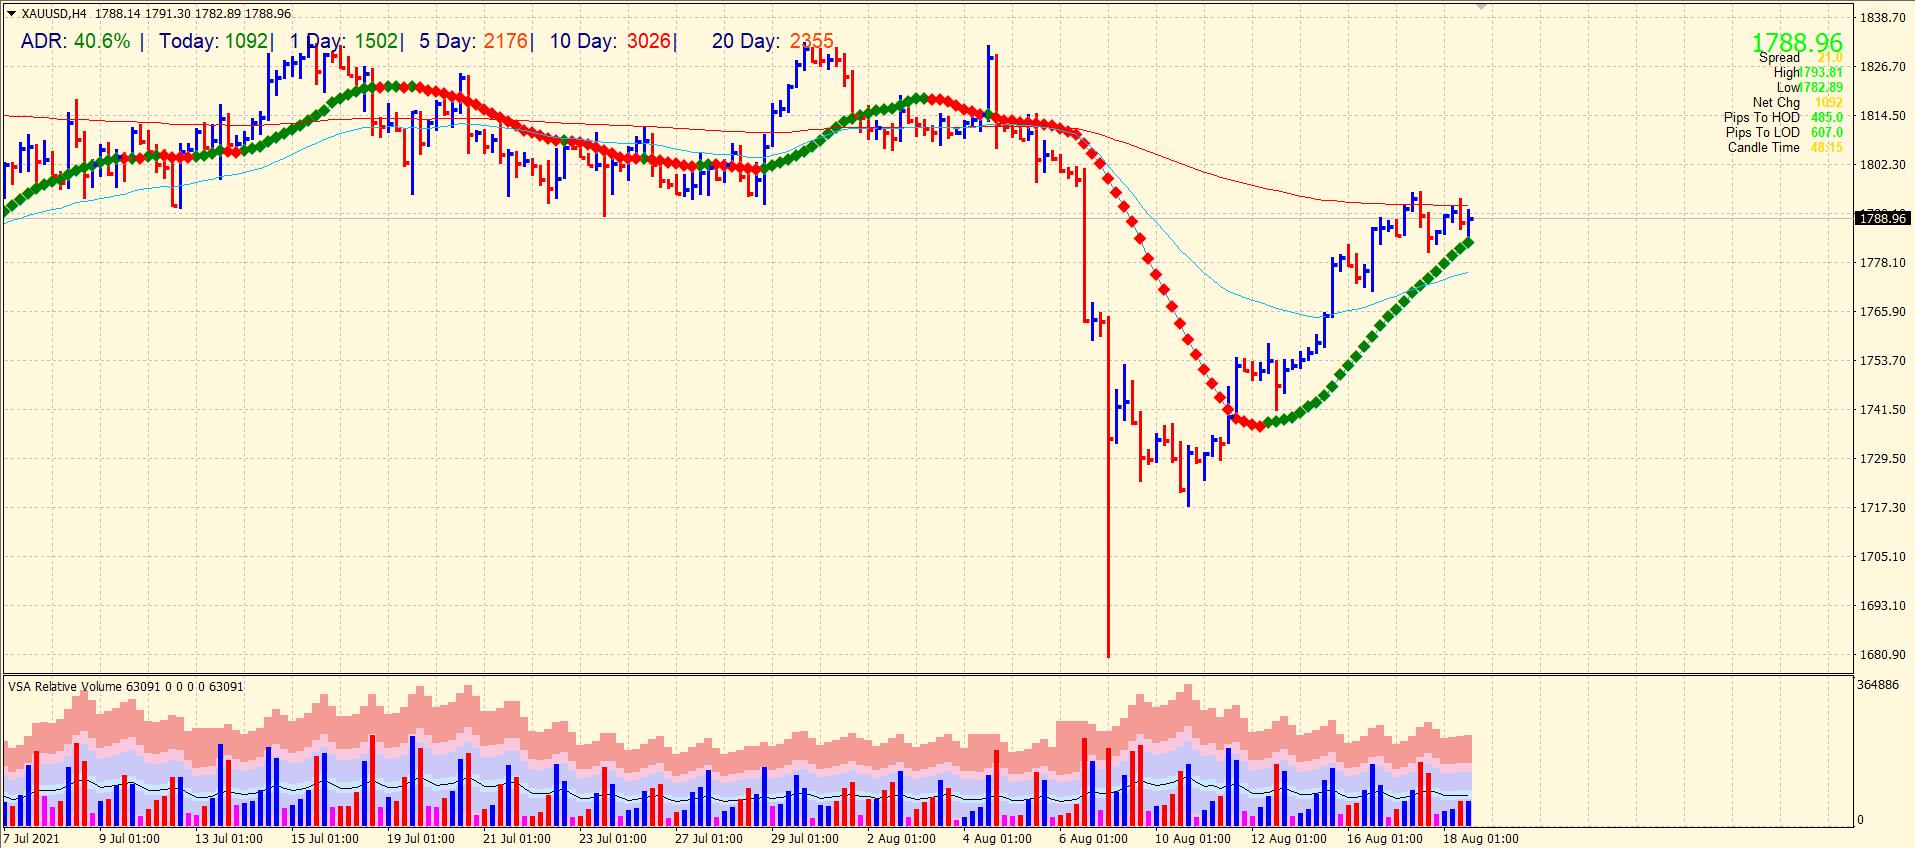 Gold price 4-hour chart analysis